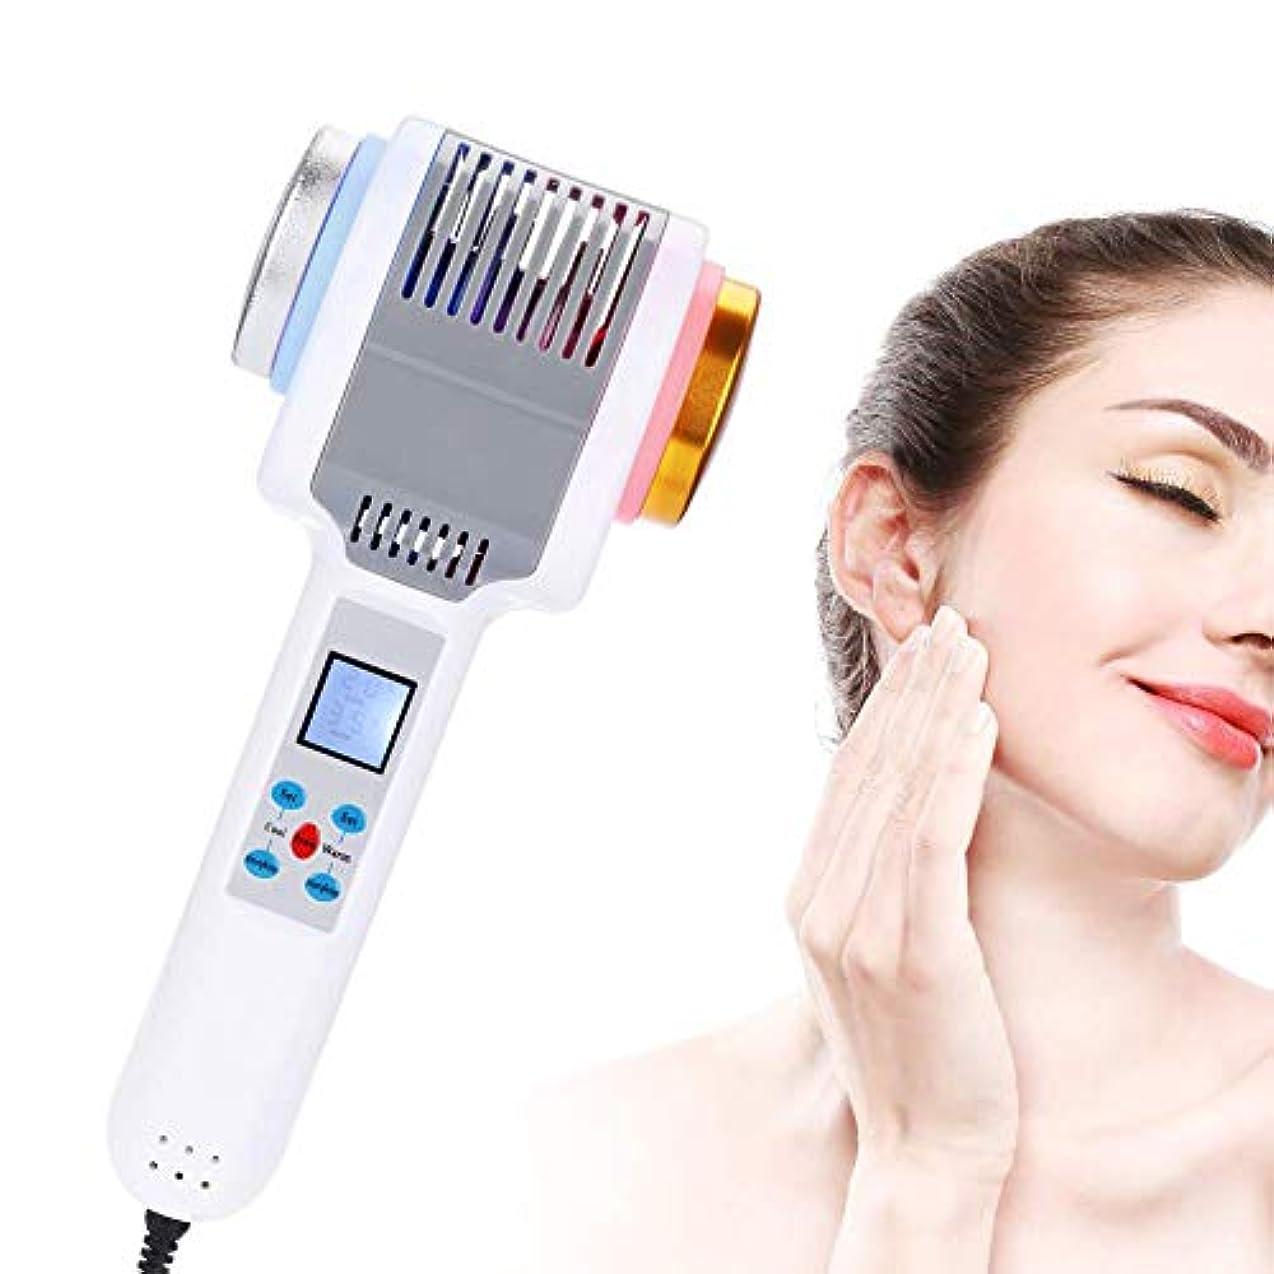 煙突すずめ戦闘光子療法機ホット&コールドハンマーアイスファイアダブルヘッド振動マッサージ美容機器削除しわ明るい顔の引き締め美容若返りツール